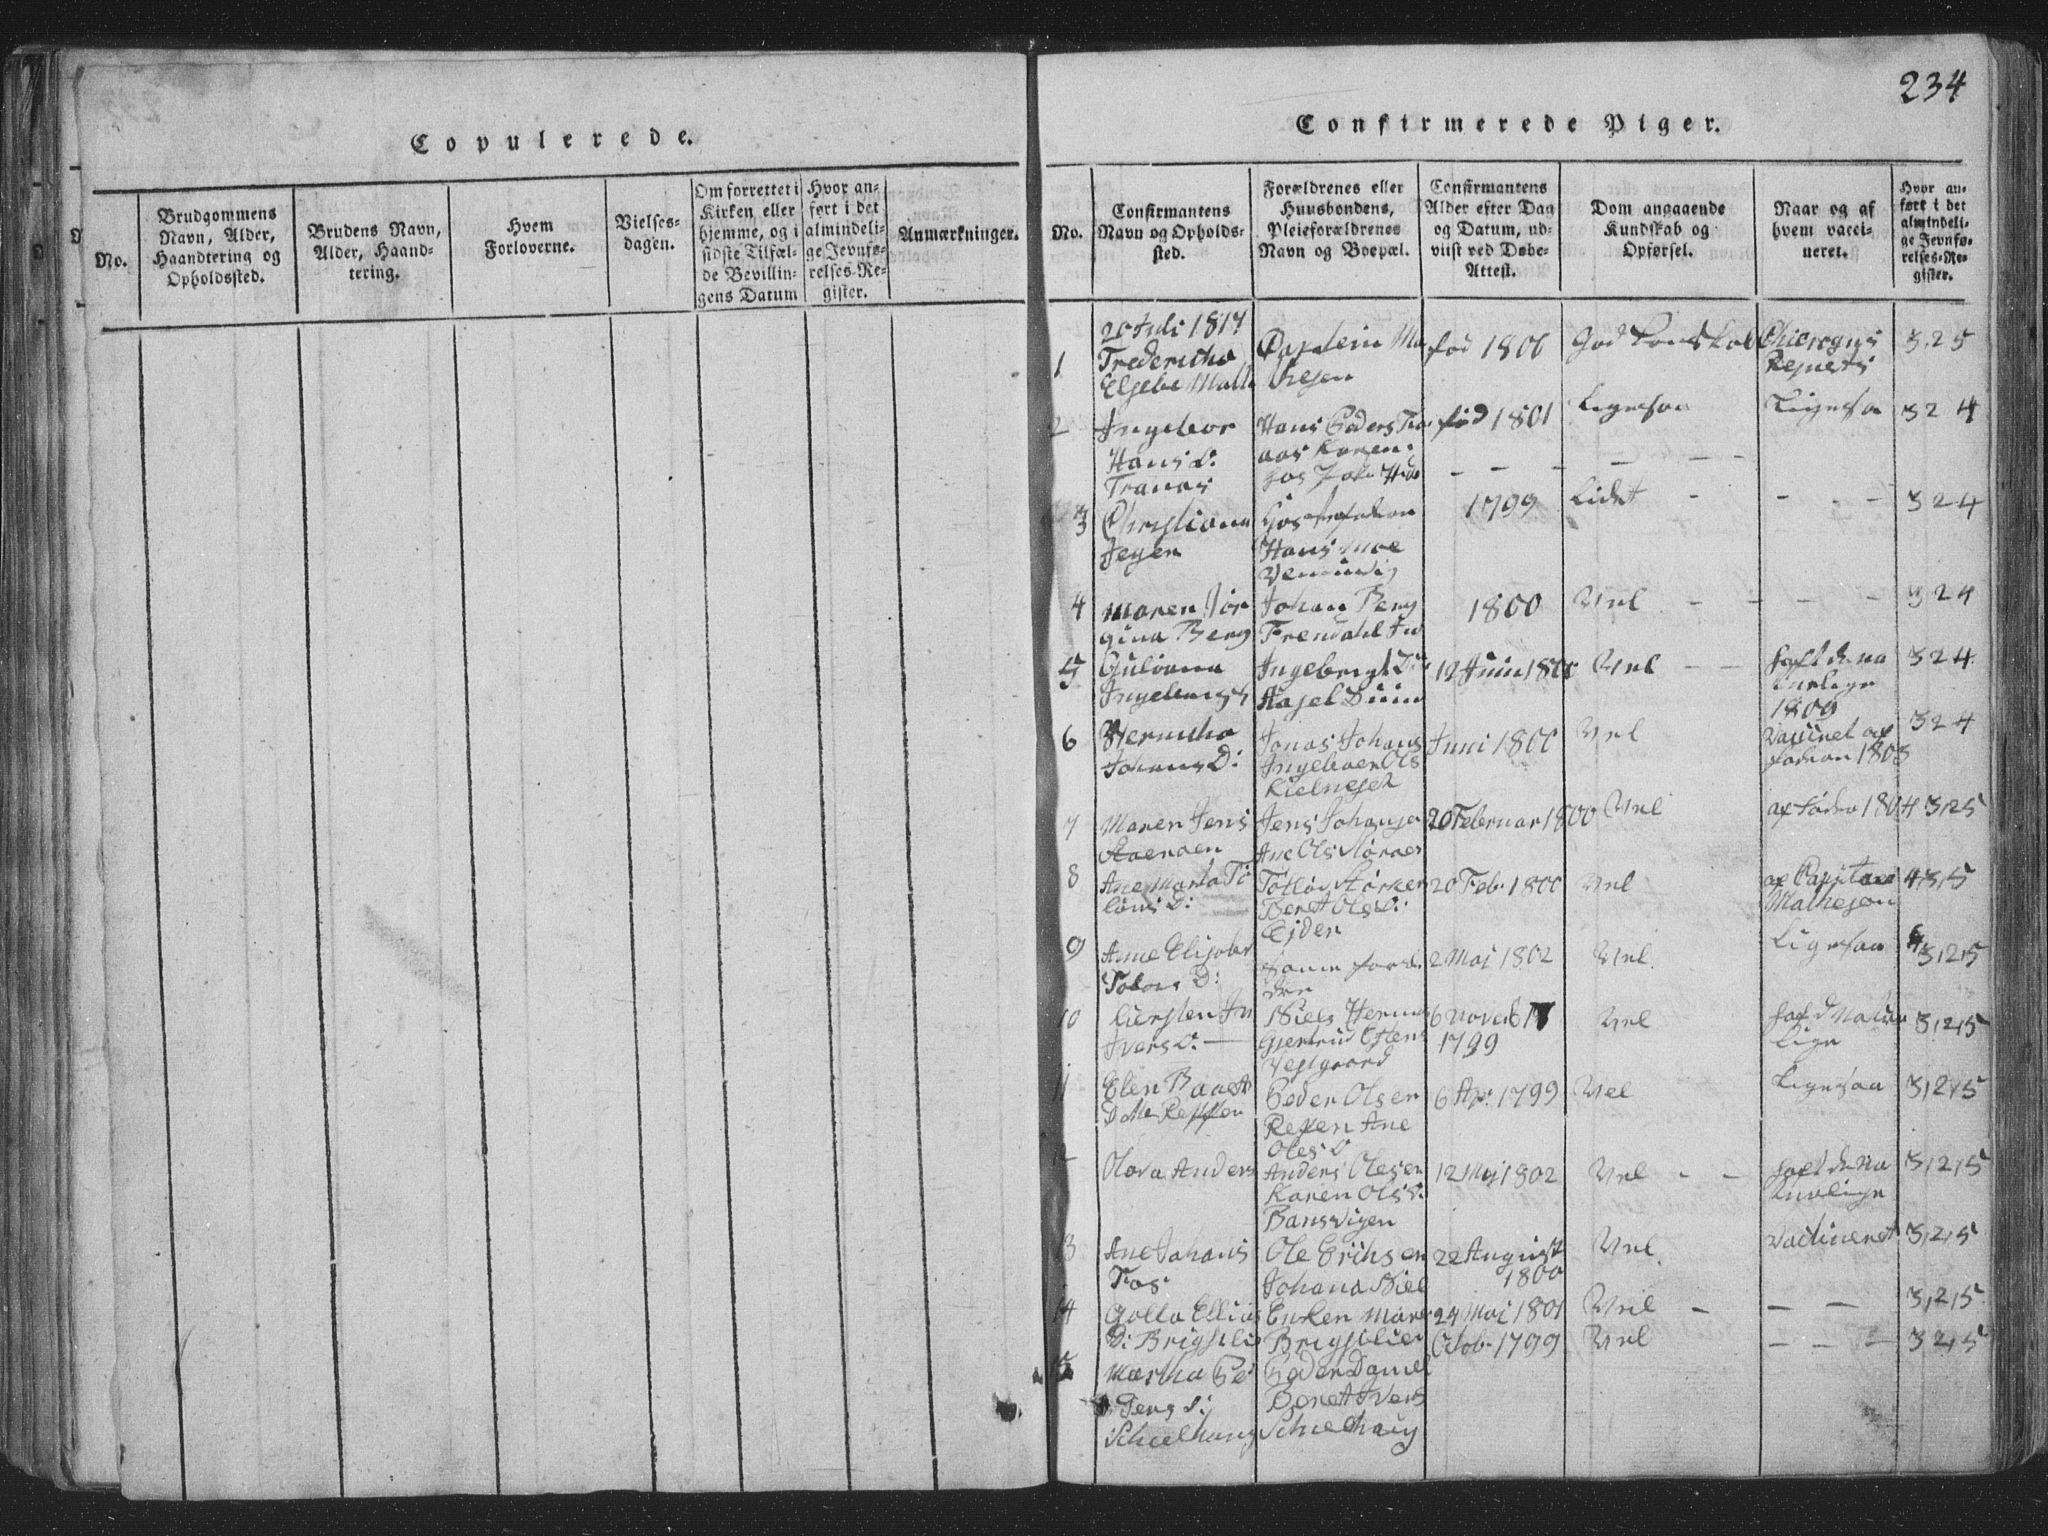 SAT, Ministerialprotokoller, klokkerbøker og fødselsregistre - Nord-Trøndelag, 773/L0613: Ministerialbok nr. 773A04, 1815-1845, s. 234